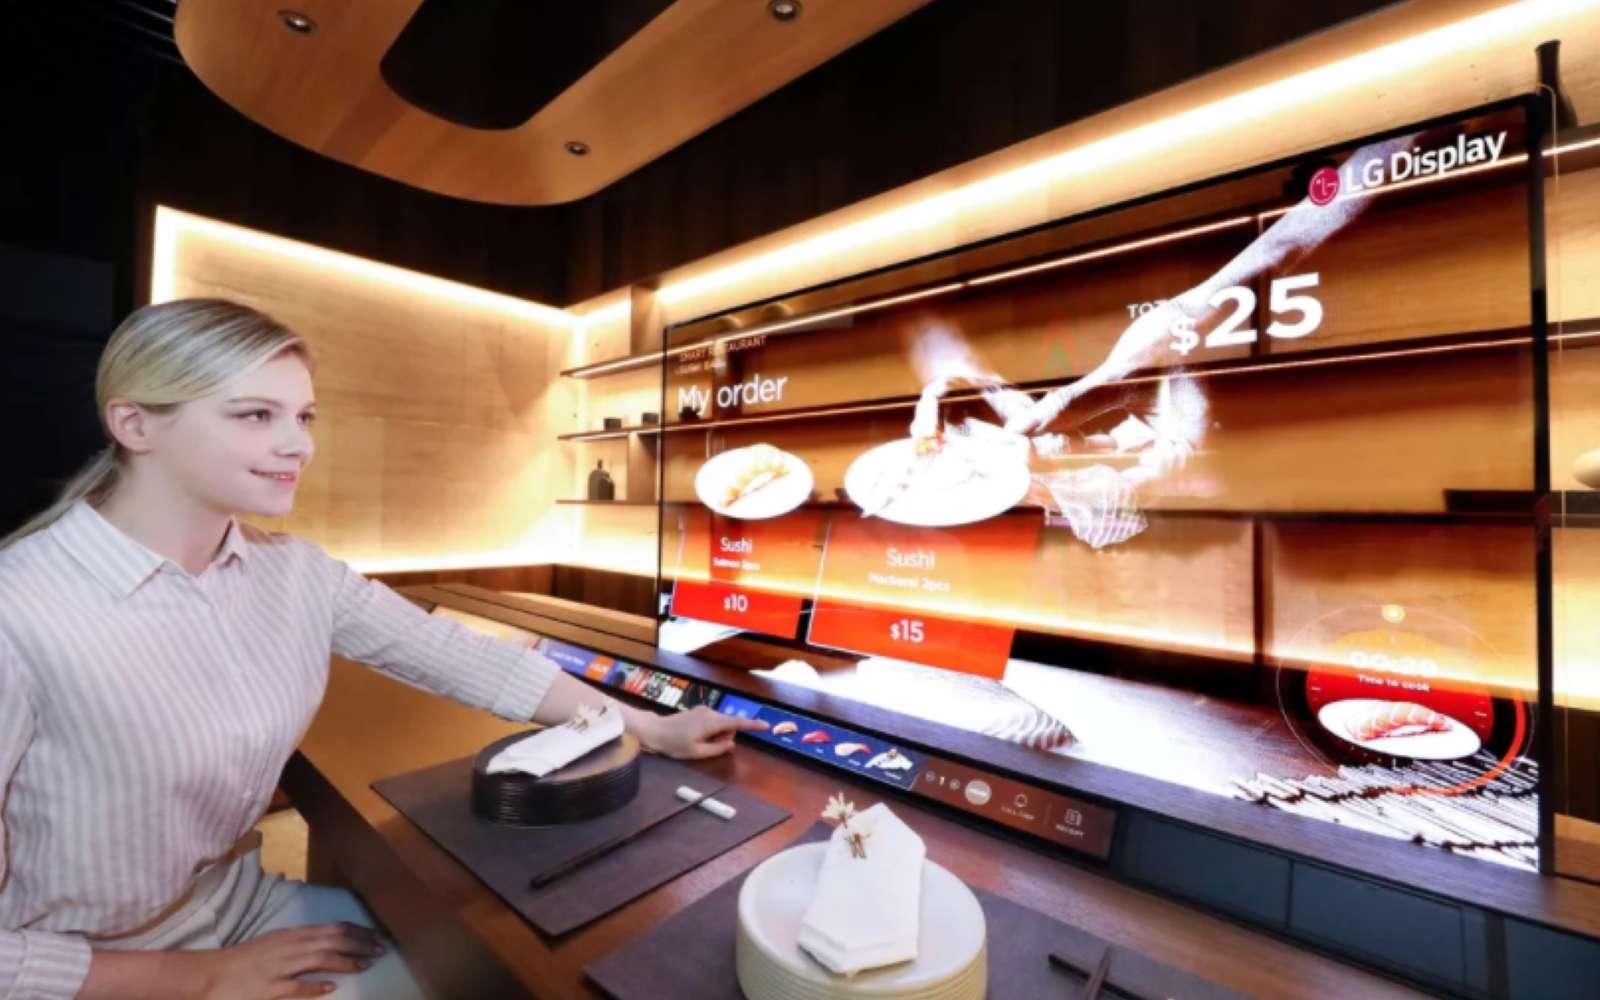 Un bar à sushis dans lequel l'écran permet d'afficher des menus sans pour autant masquer les préparations du chef. © LG